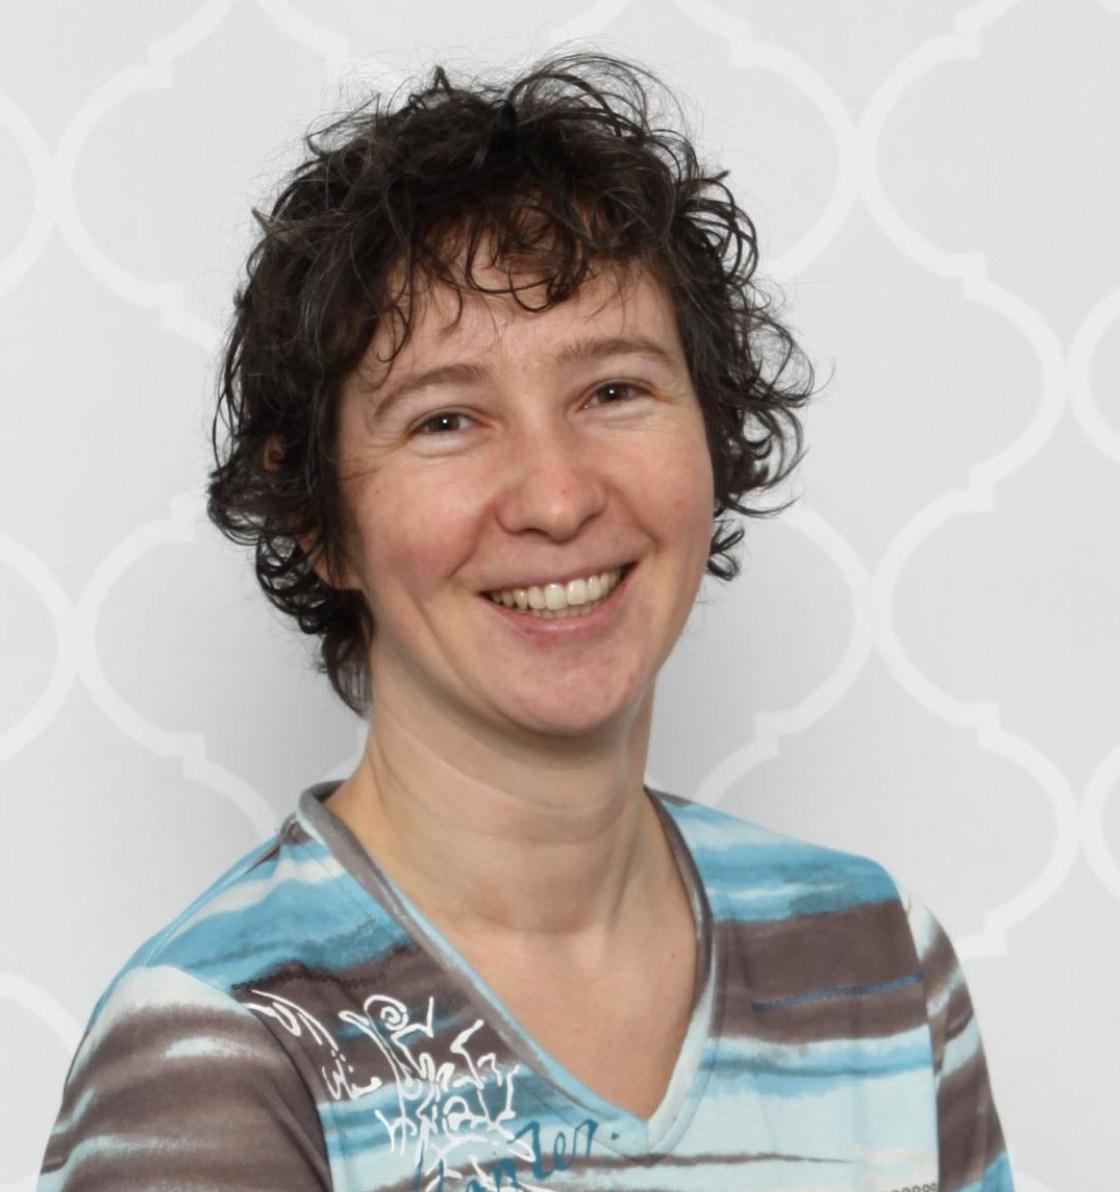 Марина Вилкова, лицензированный специалист по холистической медицине, нутрициолог